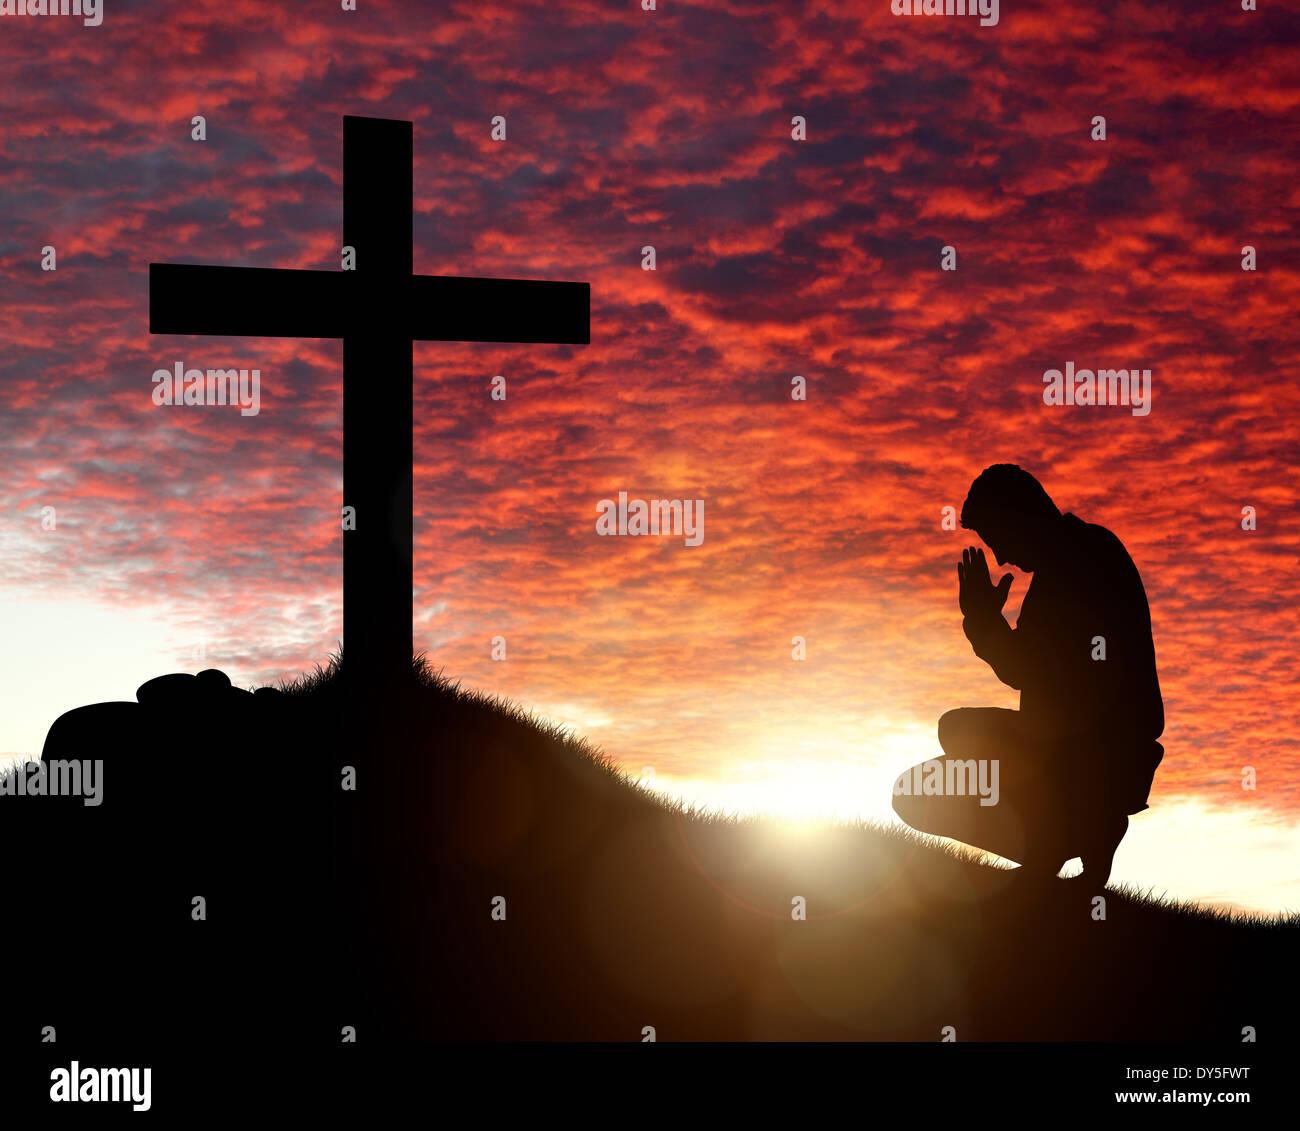 Anbetung, Liebe und Spiritualität Stockbild